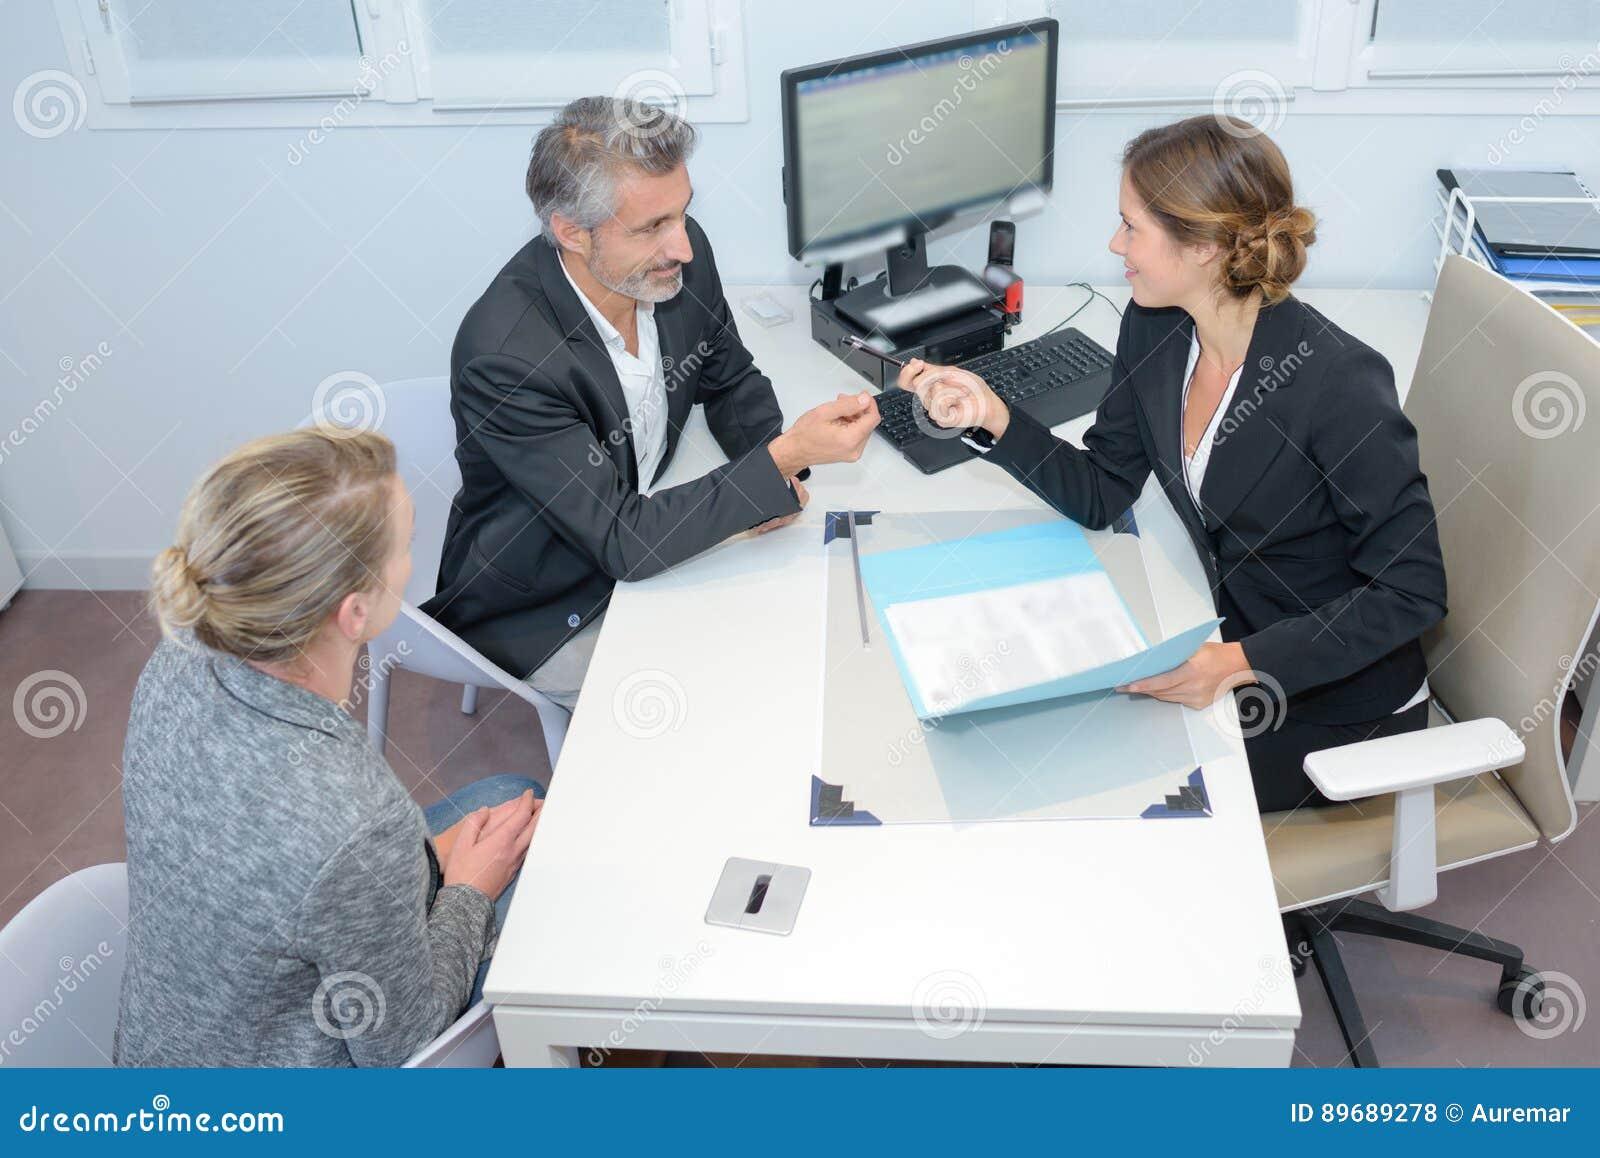 Loan application in office